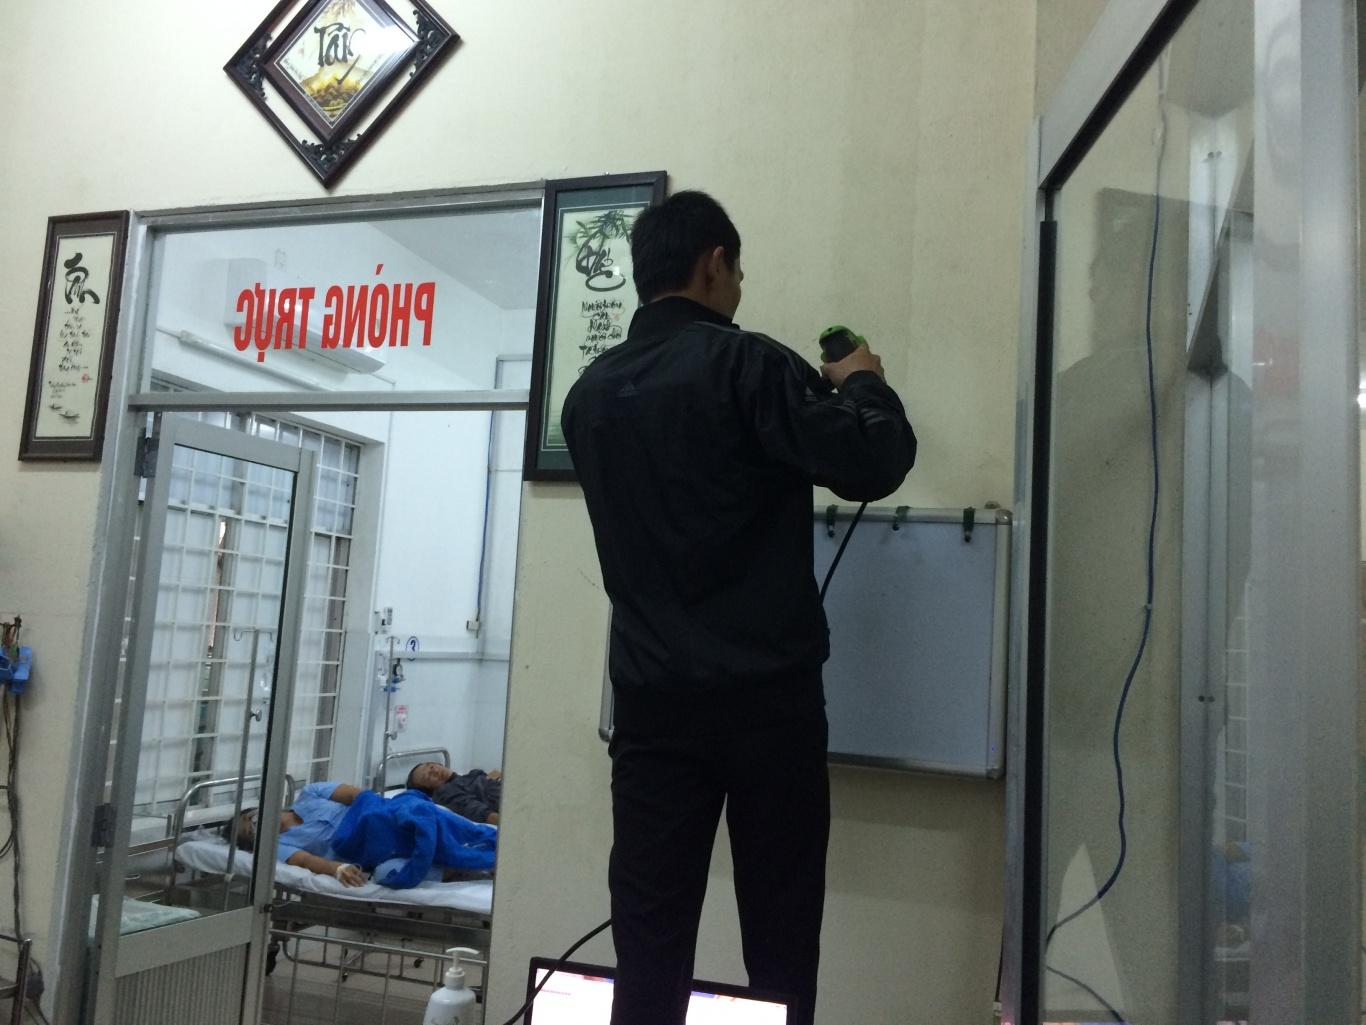 Lắp bảng hiển thị chuông gọi y tá SR-2003 cho trung tâm y tế quận Ngũ Hành Sơn Đà Nẵng